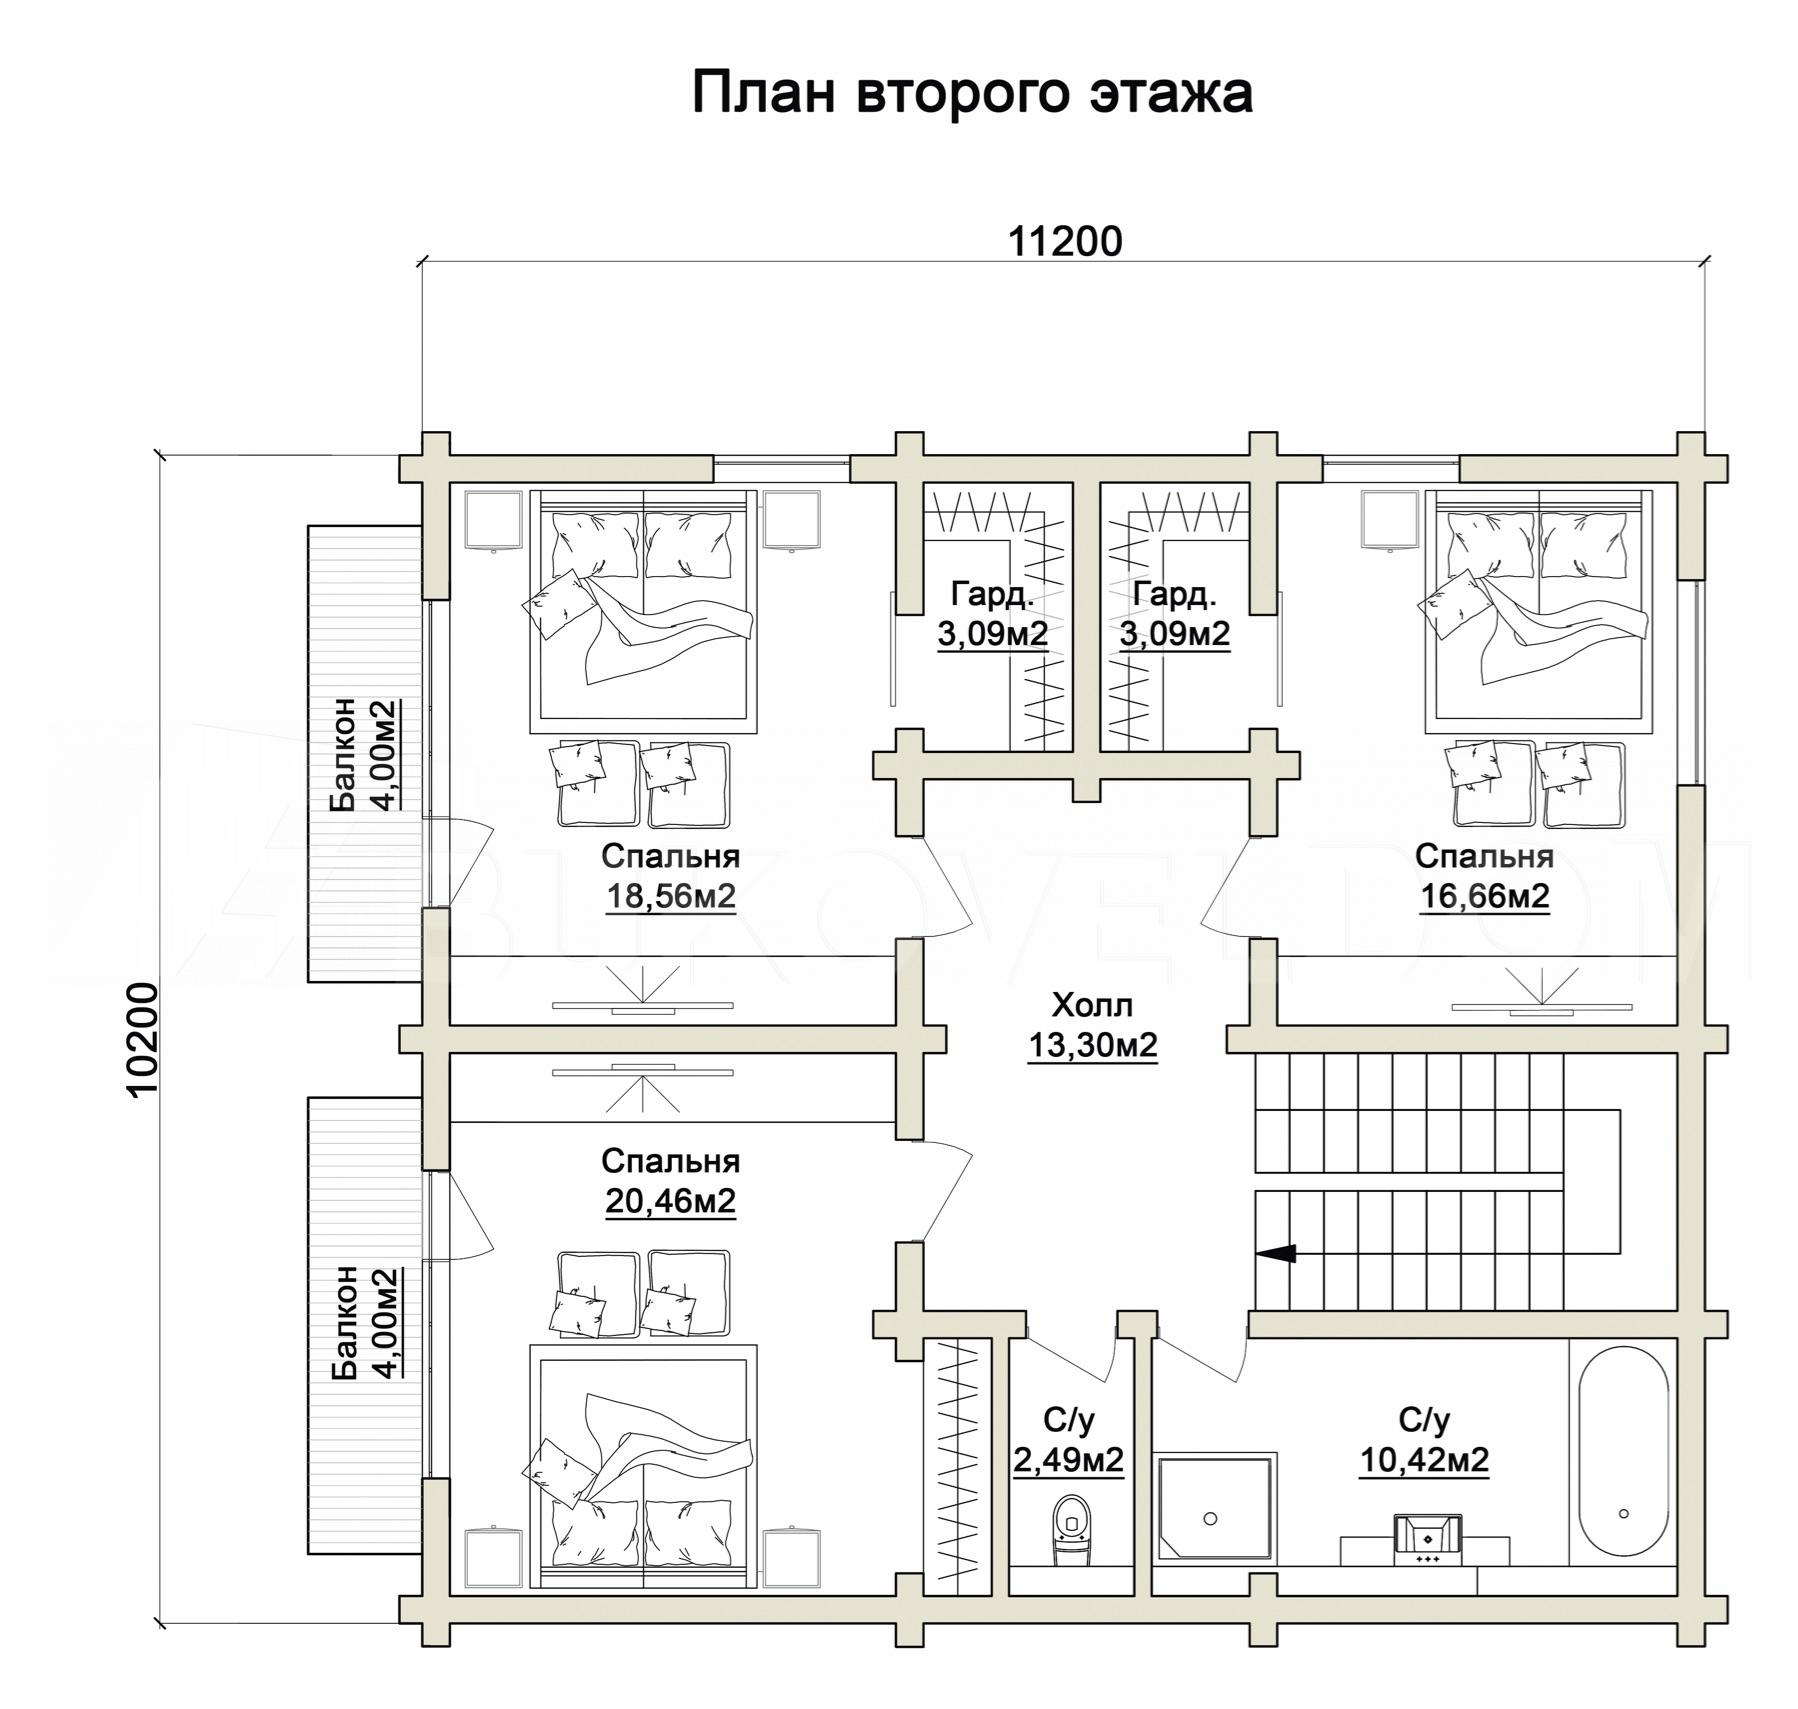 Дом в Санкт-Петербурге 1